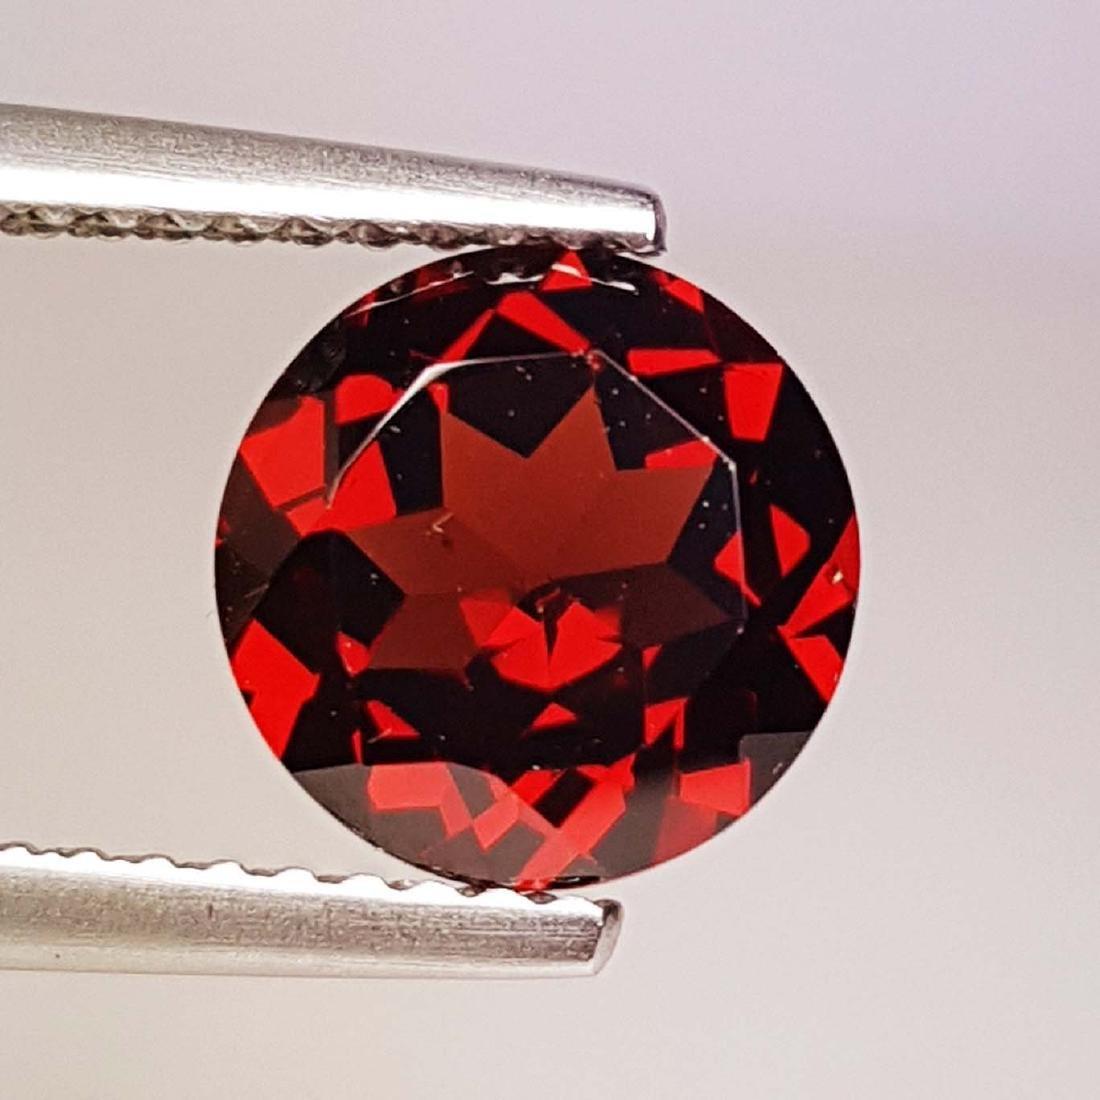 Natural Pyrope - Almandite Red Garnet - 2.20 ct